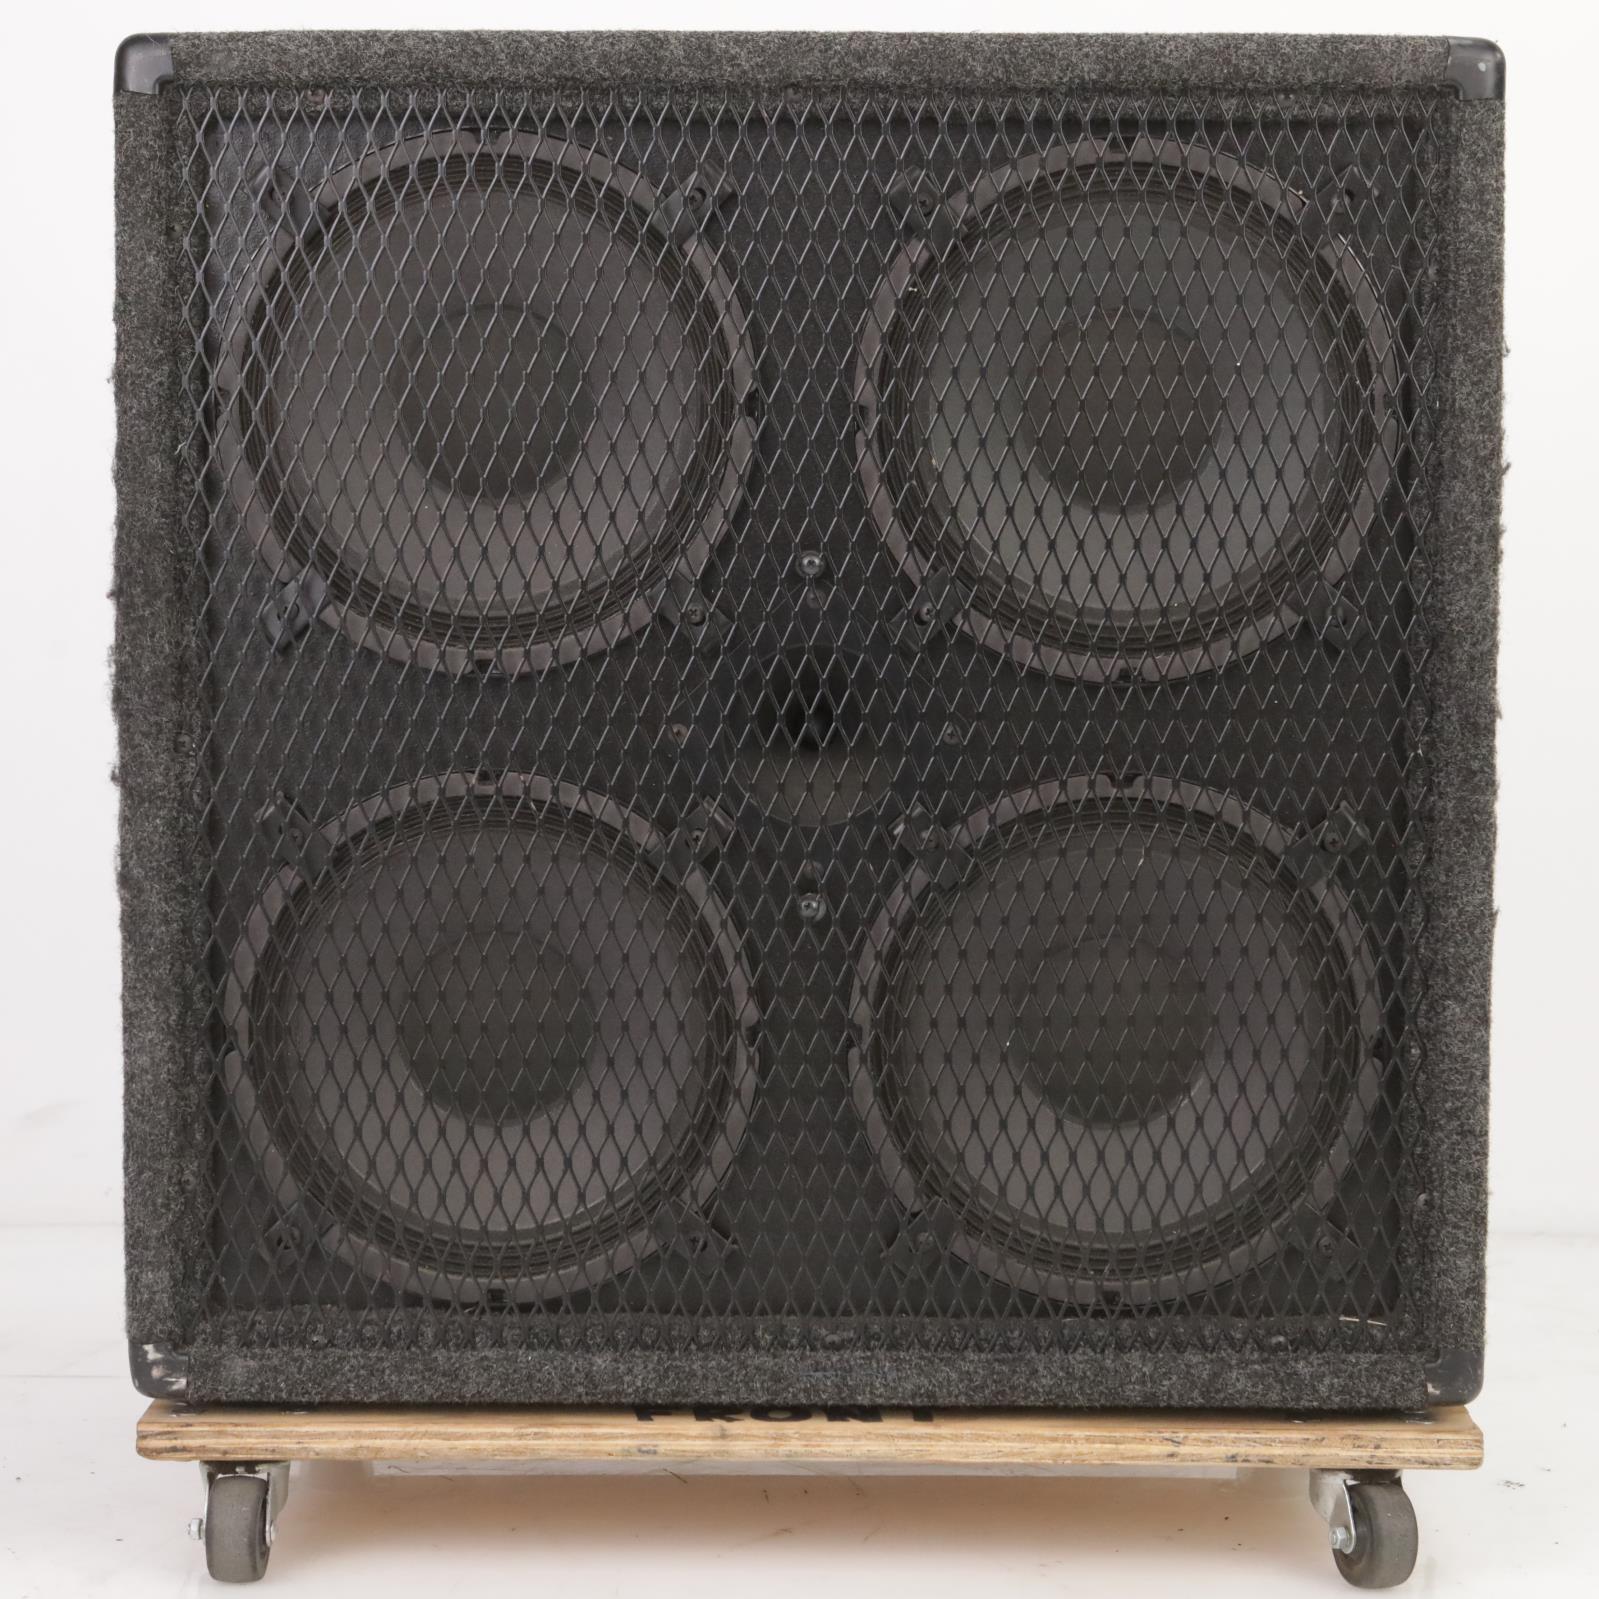 Genz Benz Eminence 410T Speaker Cabinet 400W 8 Ohms Owned By Leland Sklar #38790